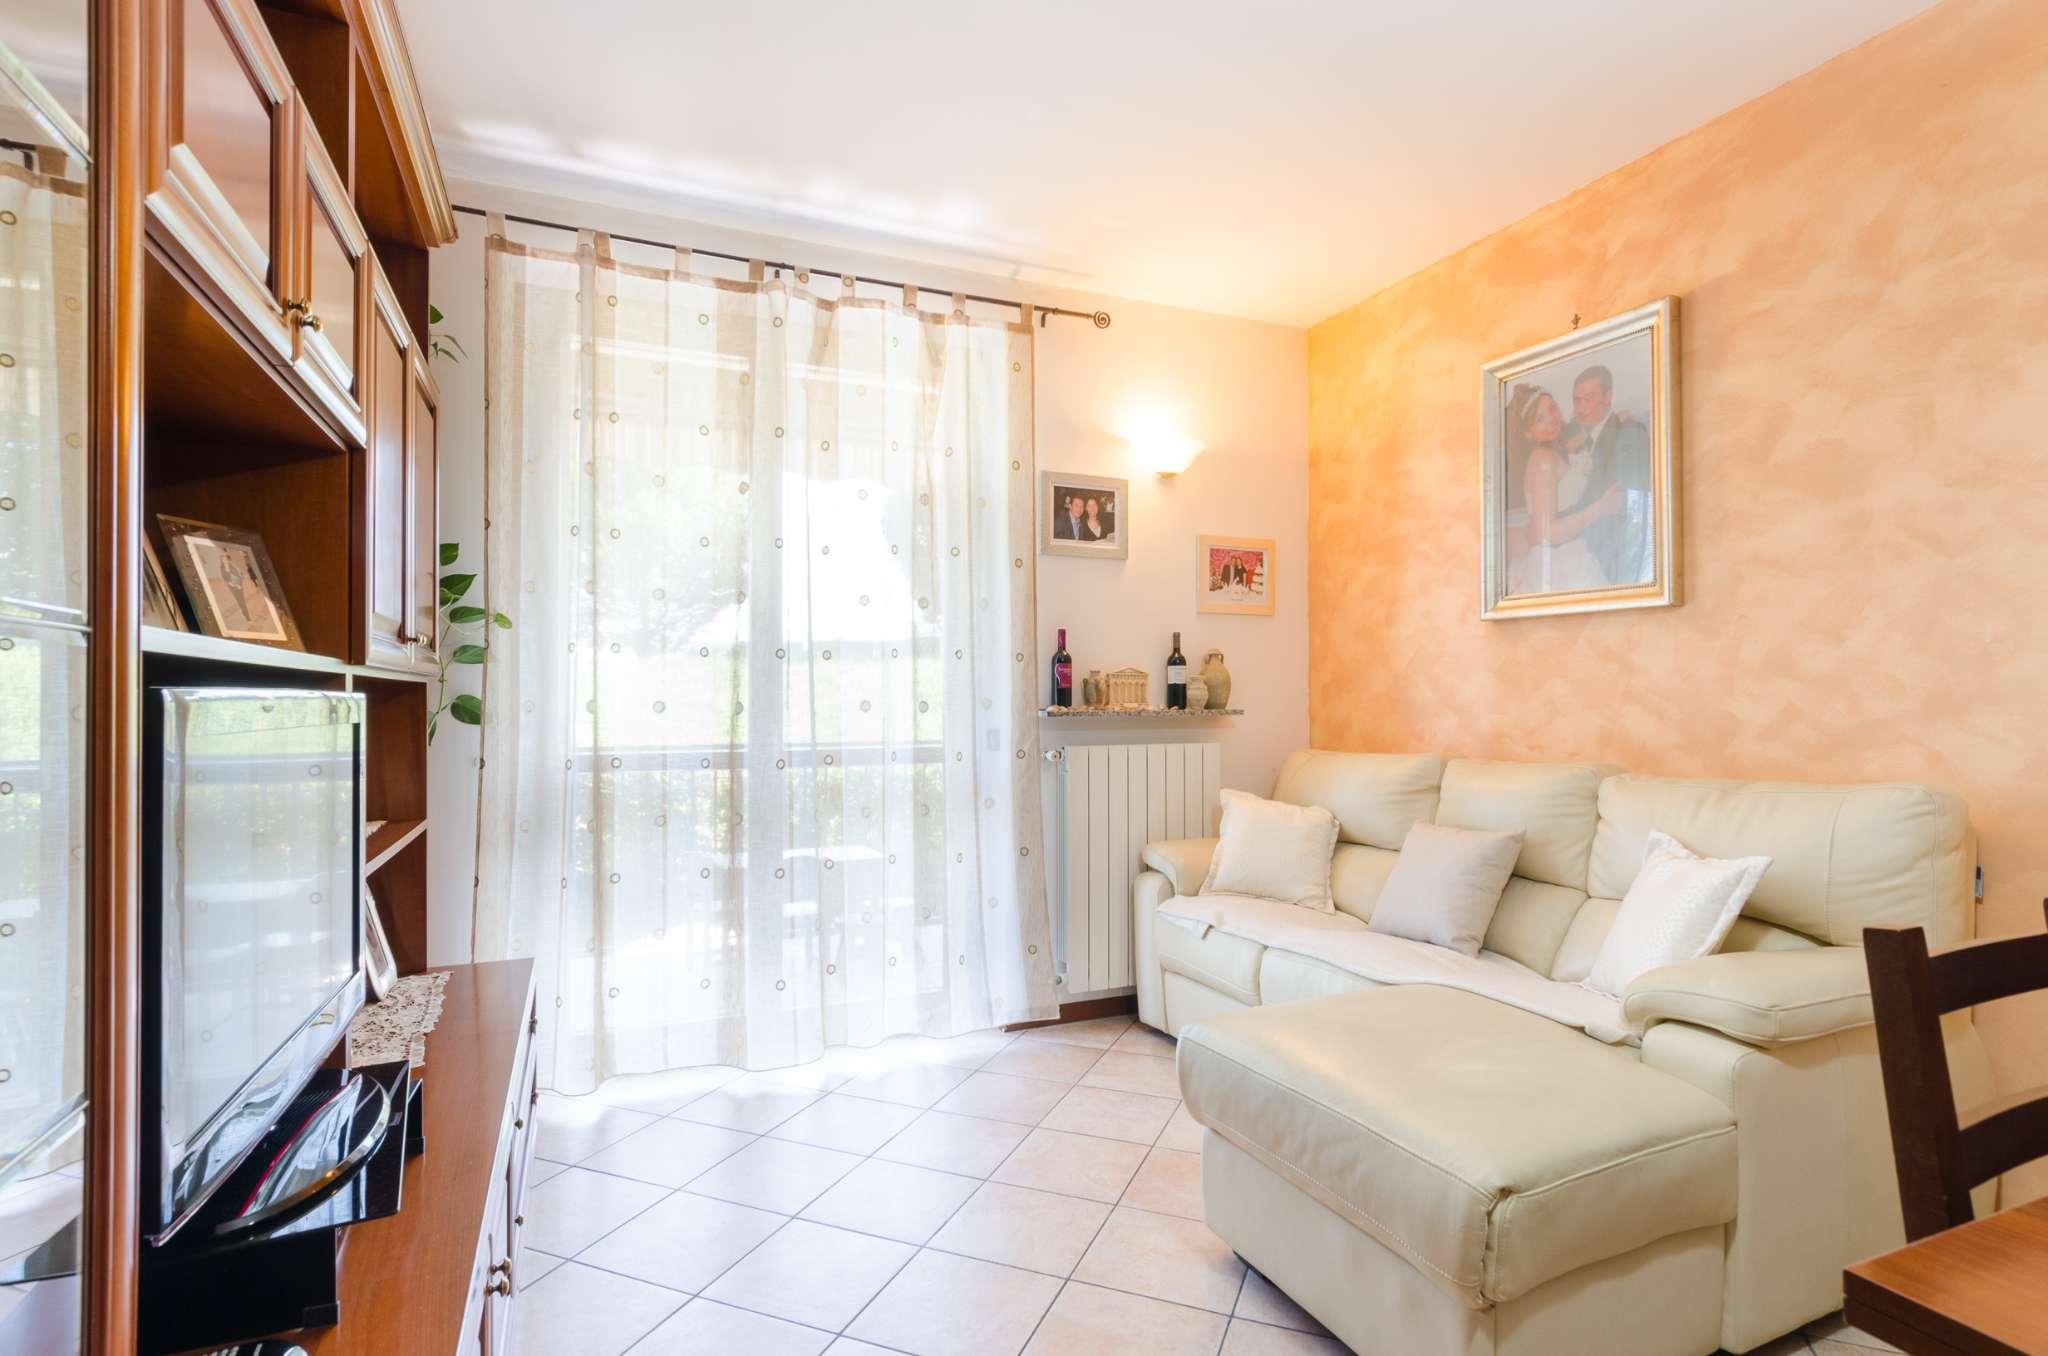 Appartamento in vendita a Brembate di Sopra, 3 locali, prezzo € 115.000 | PortaleAgenzieImmobiliari.it